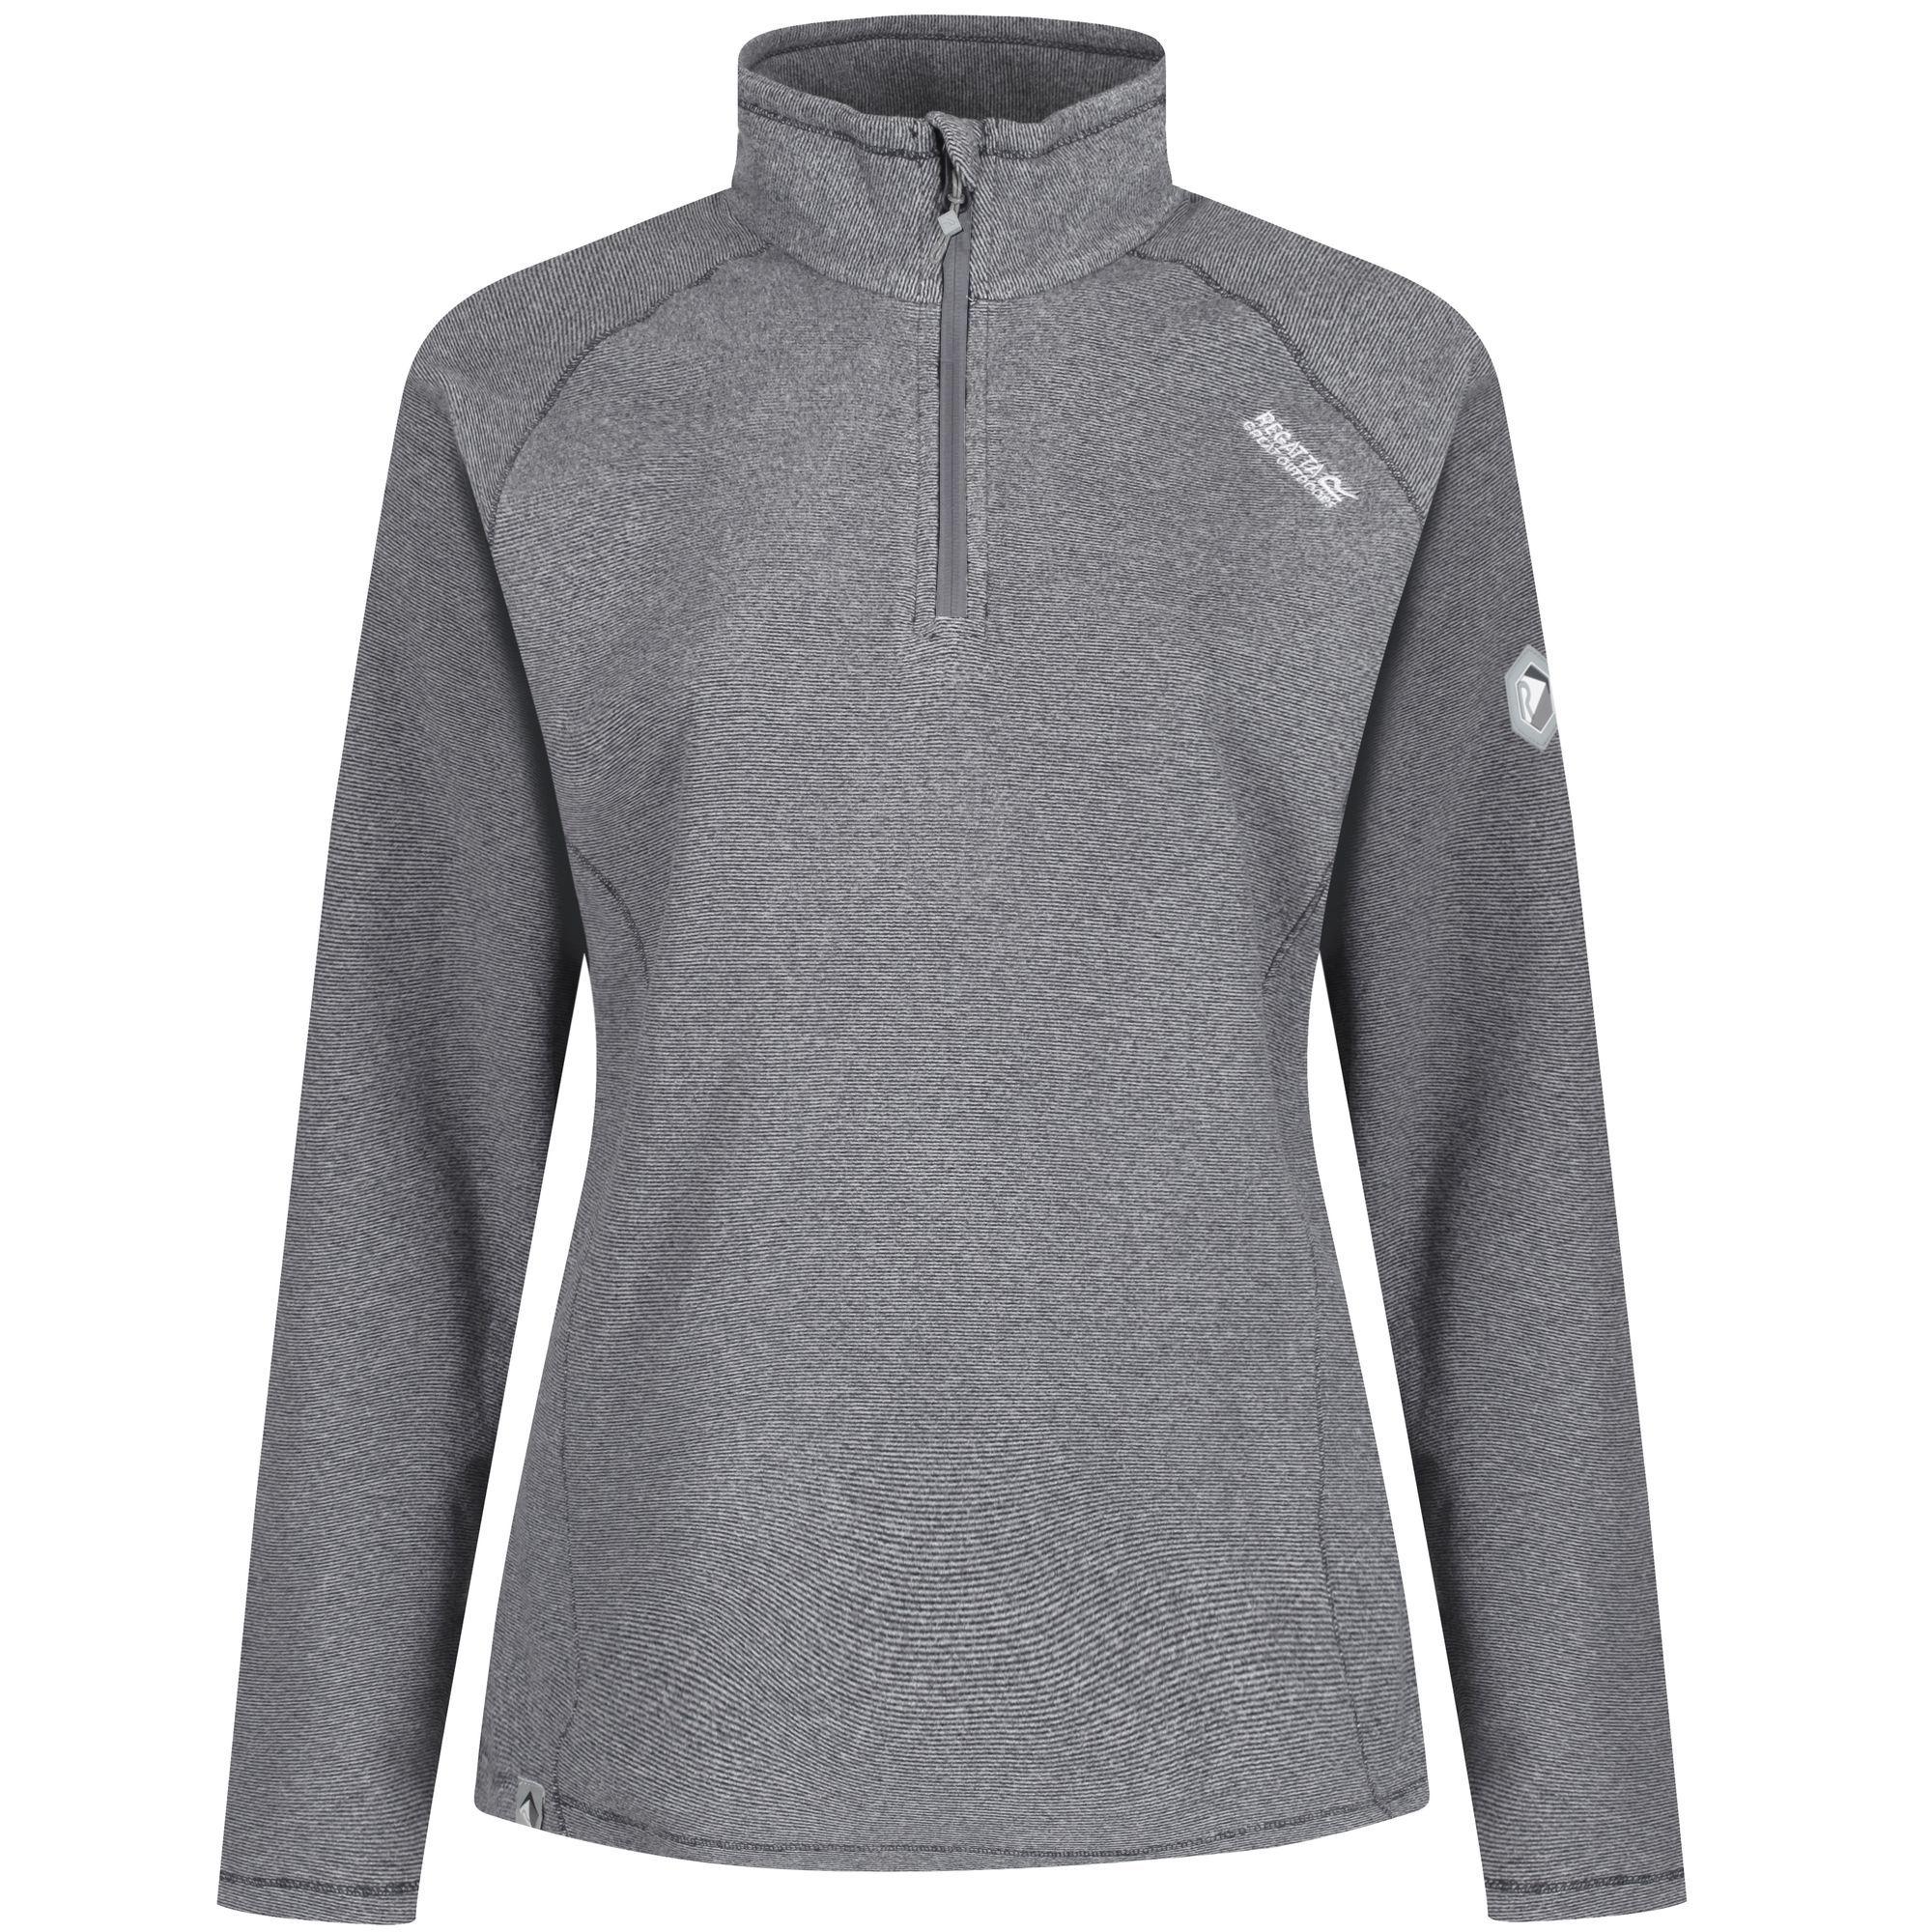 Regatta Great Outdoors Womens/Ladies Montes Half Zip Fleece Top